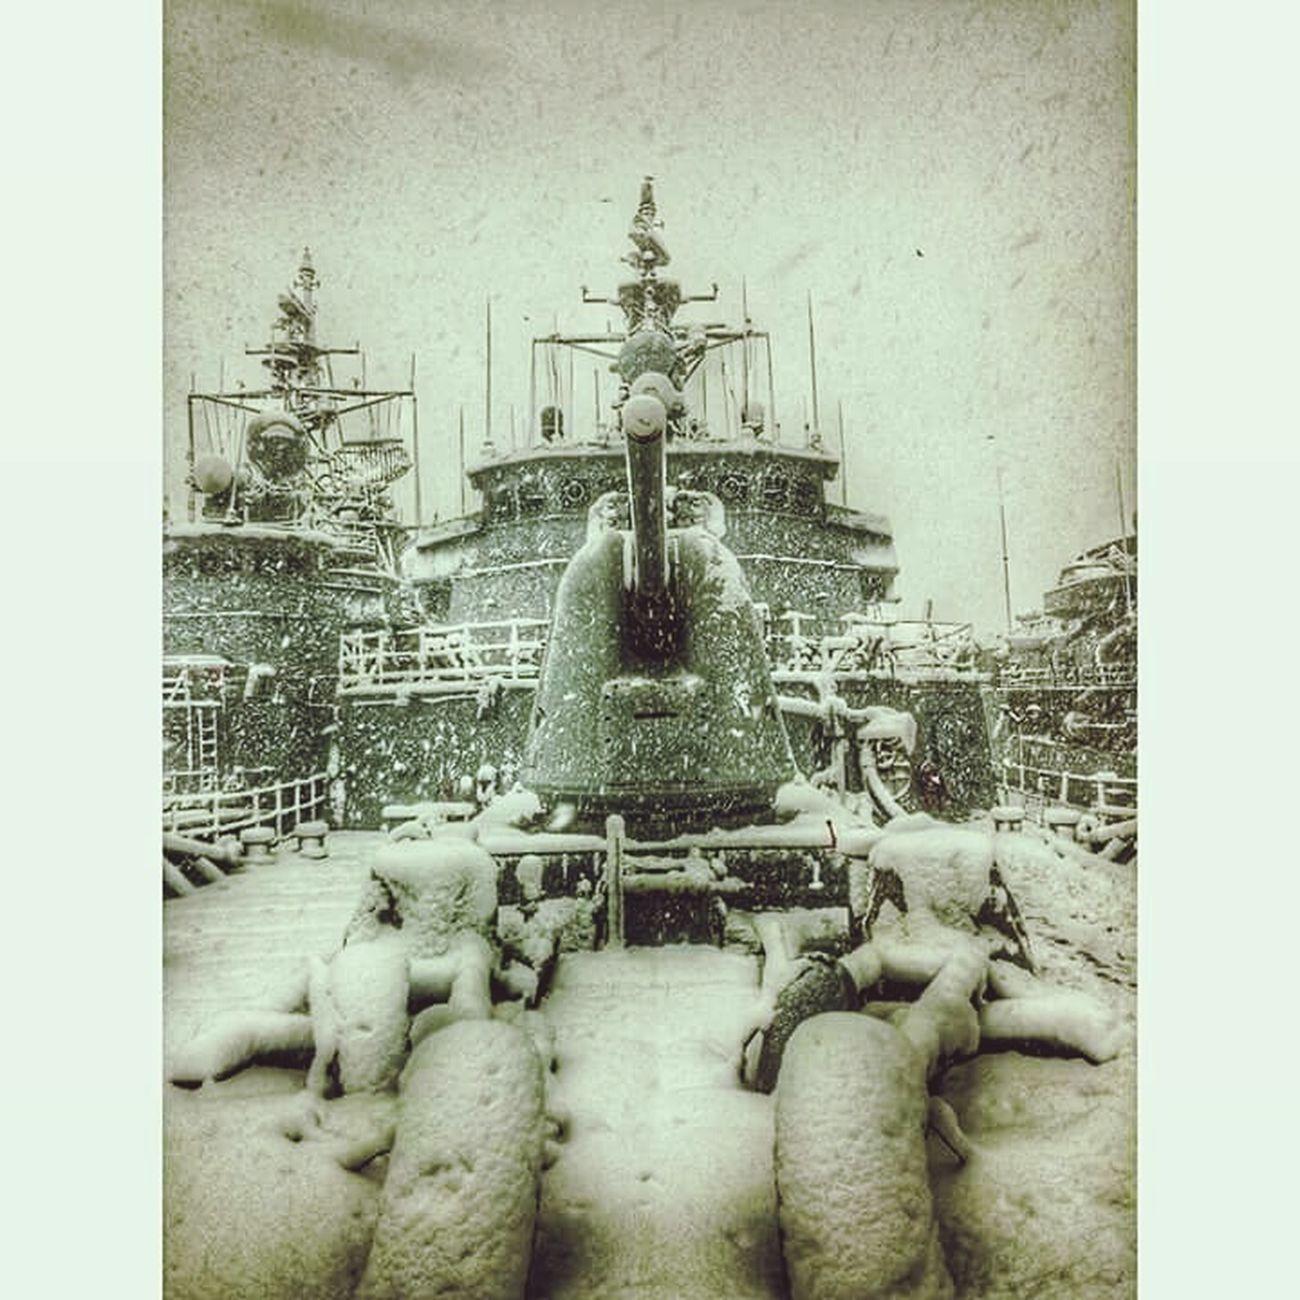 Turkish Navy Denizcilik Askerlik Tcg Salihreis F246 Gölcük Donanma Komutanlığı Kocaeli/Türkey Izmir Turkey